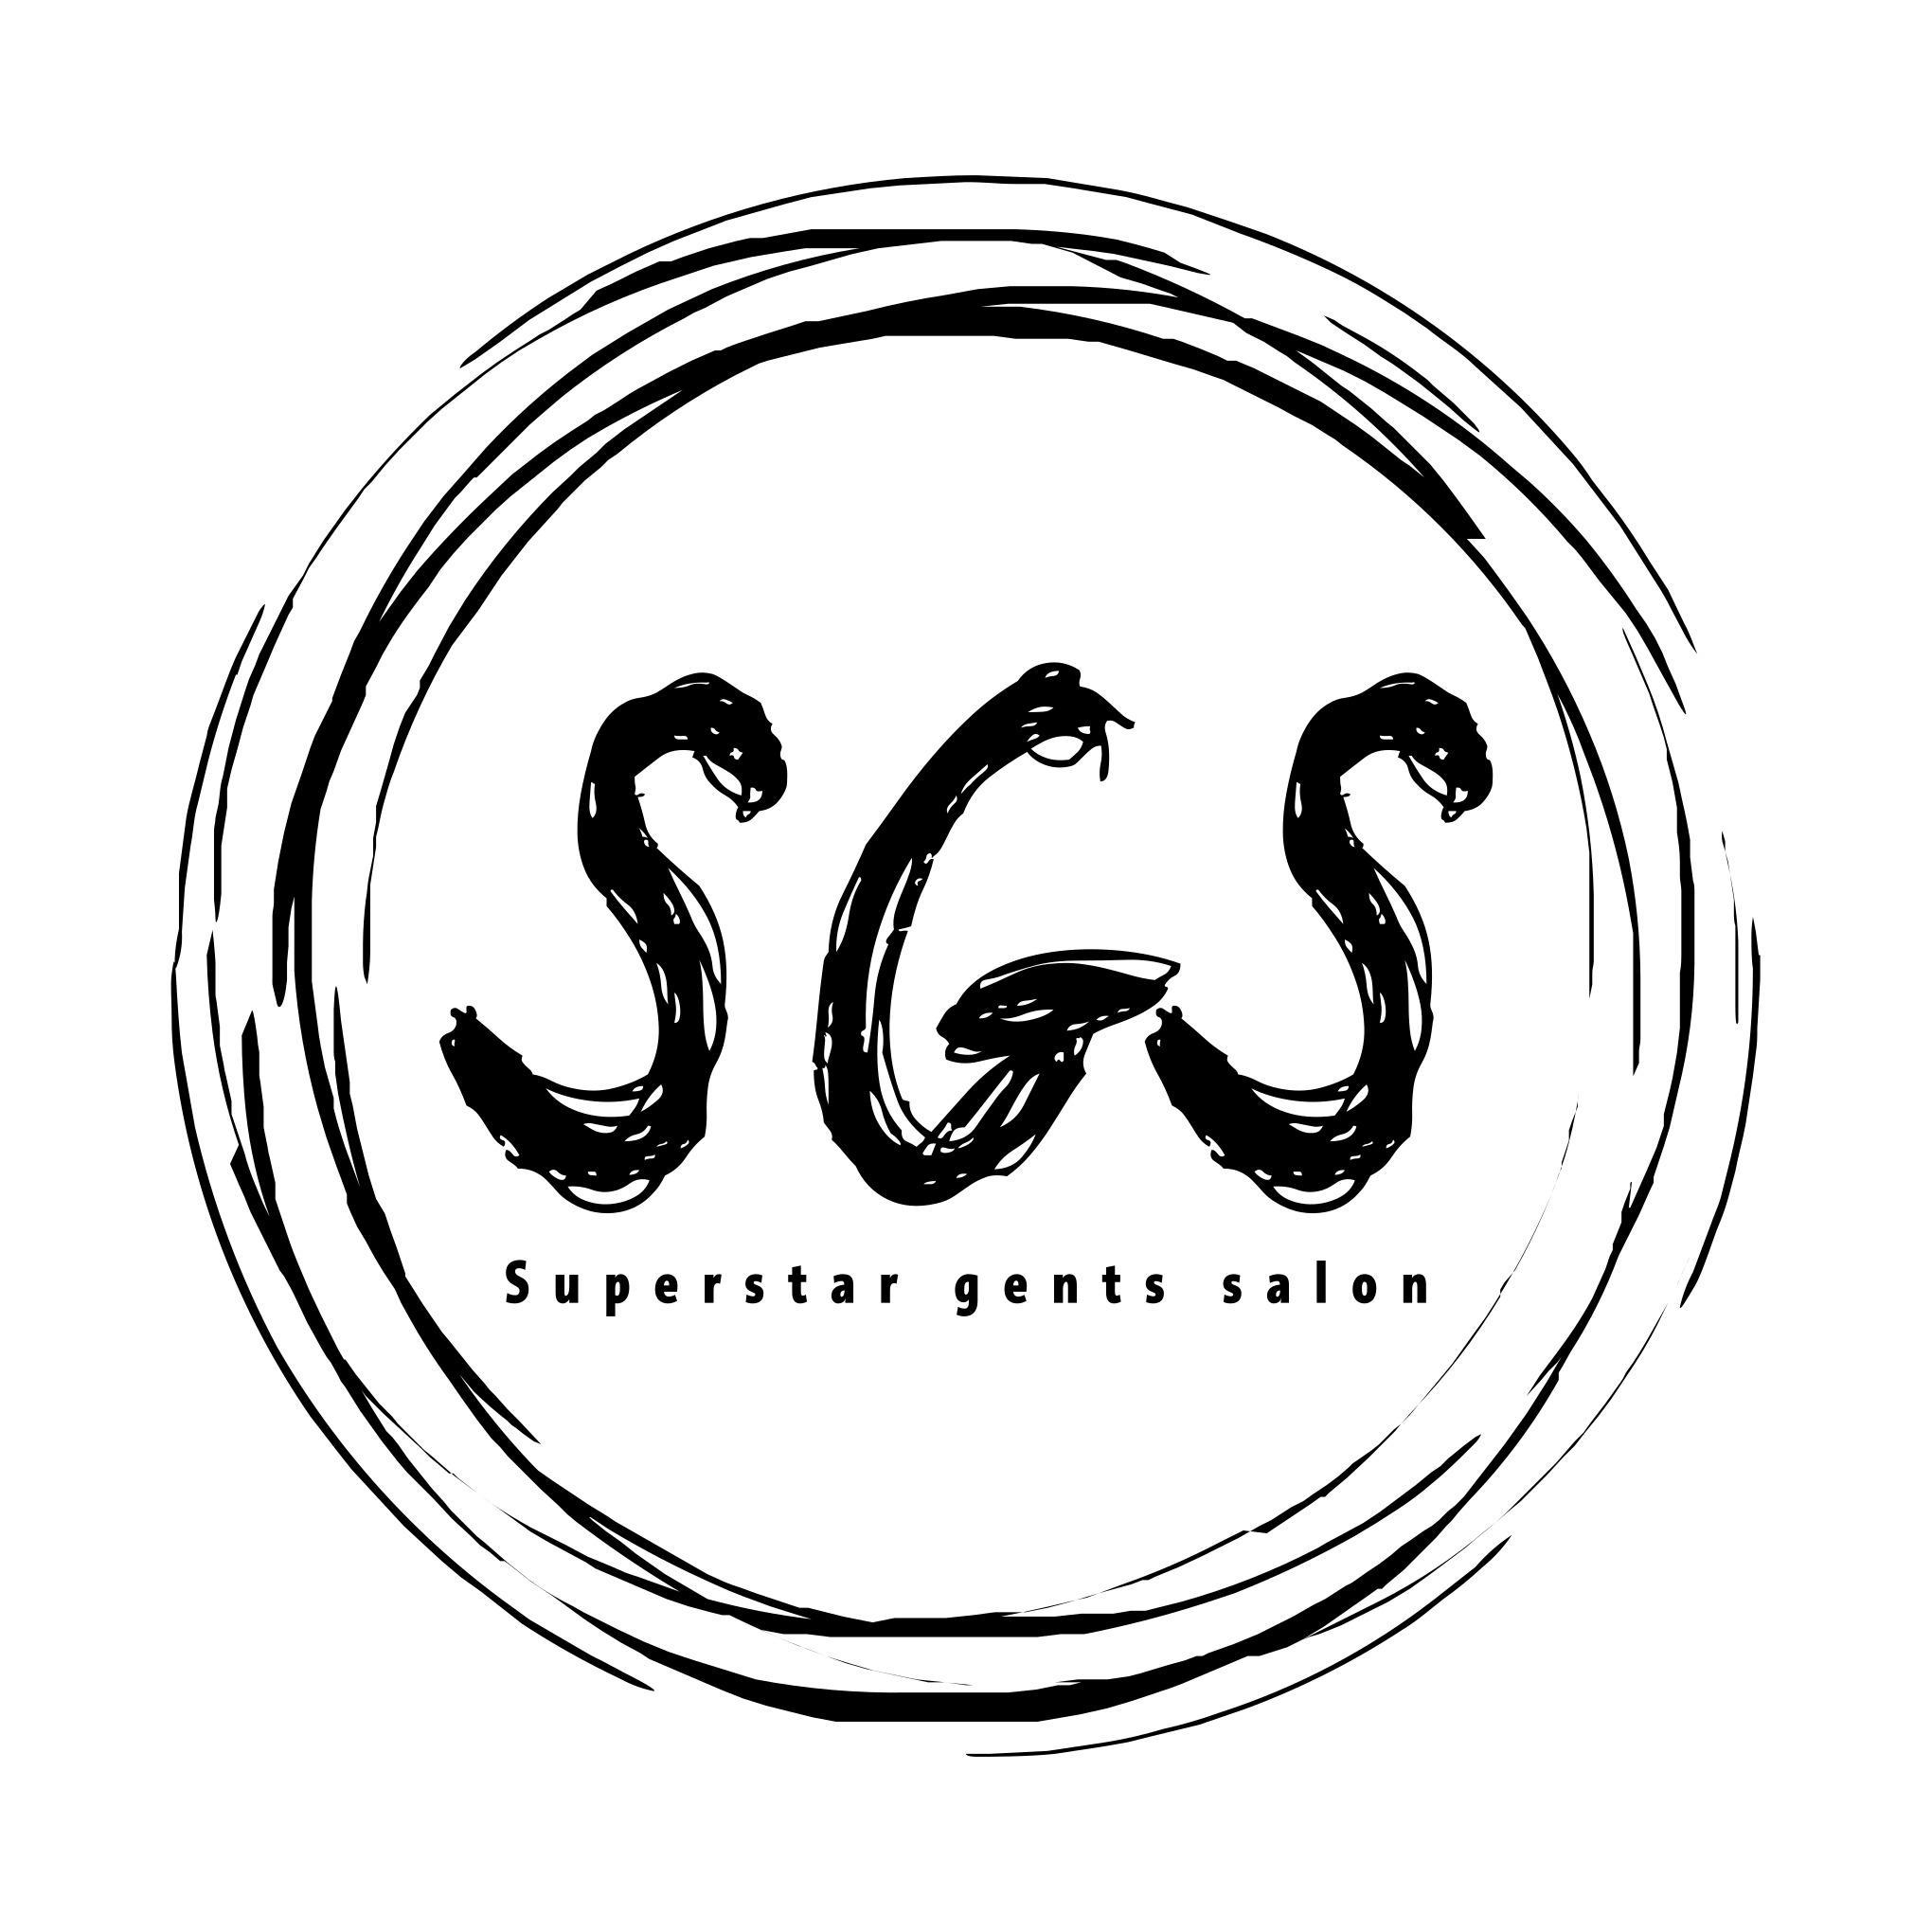 Super Star Gents Salon